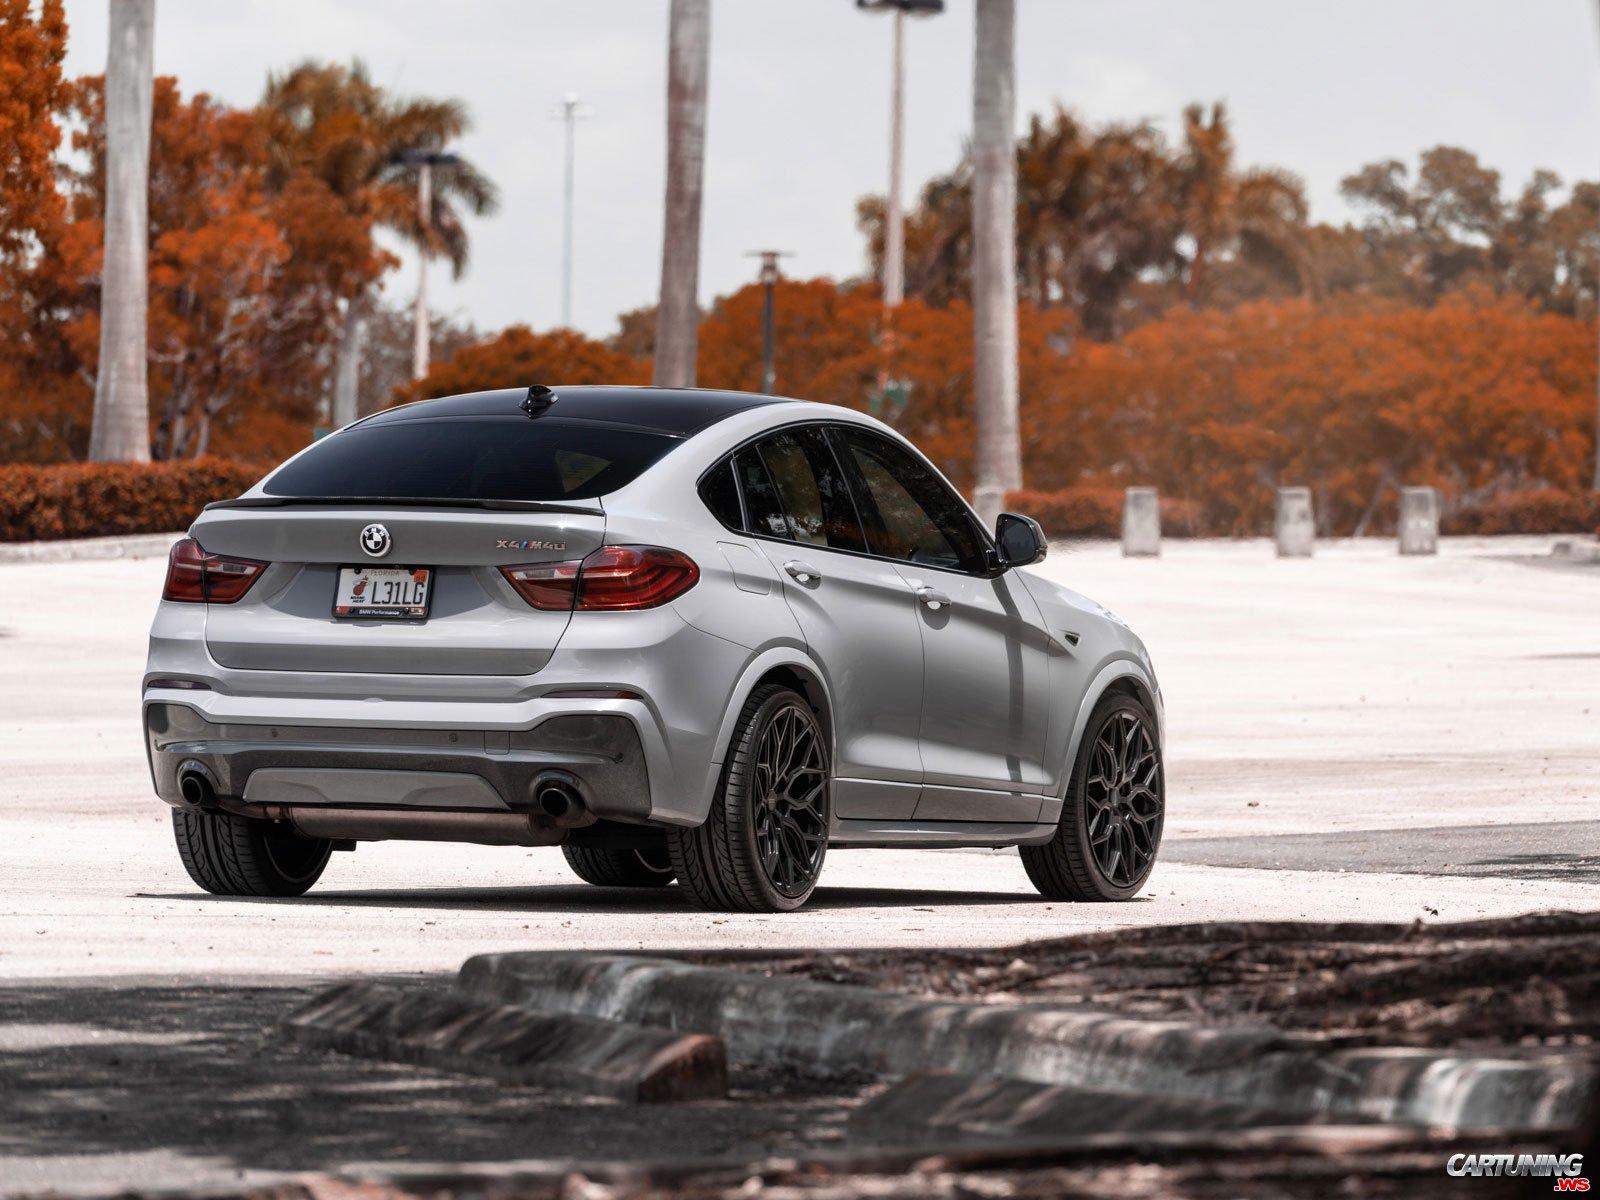 Tuning BMW X4 F26 2014, rear